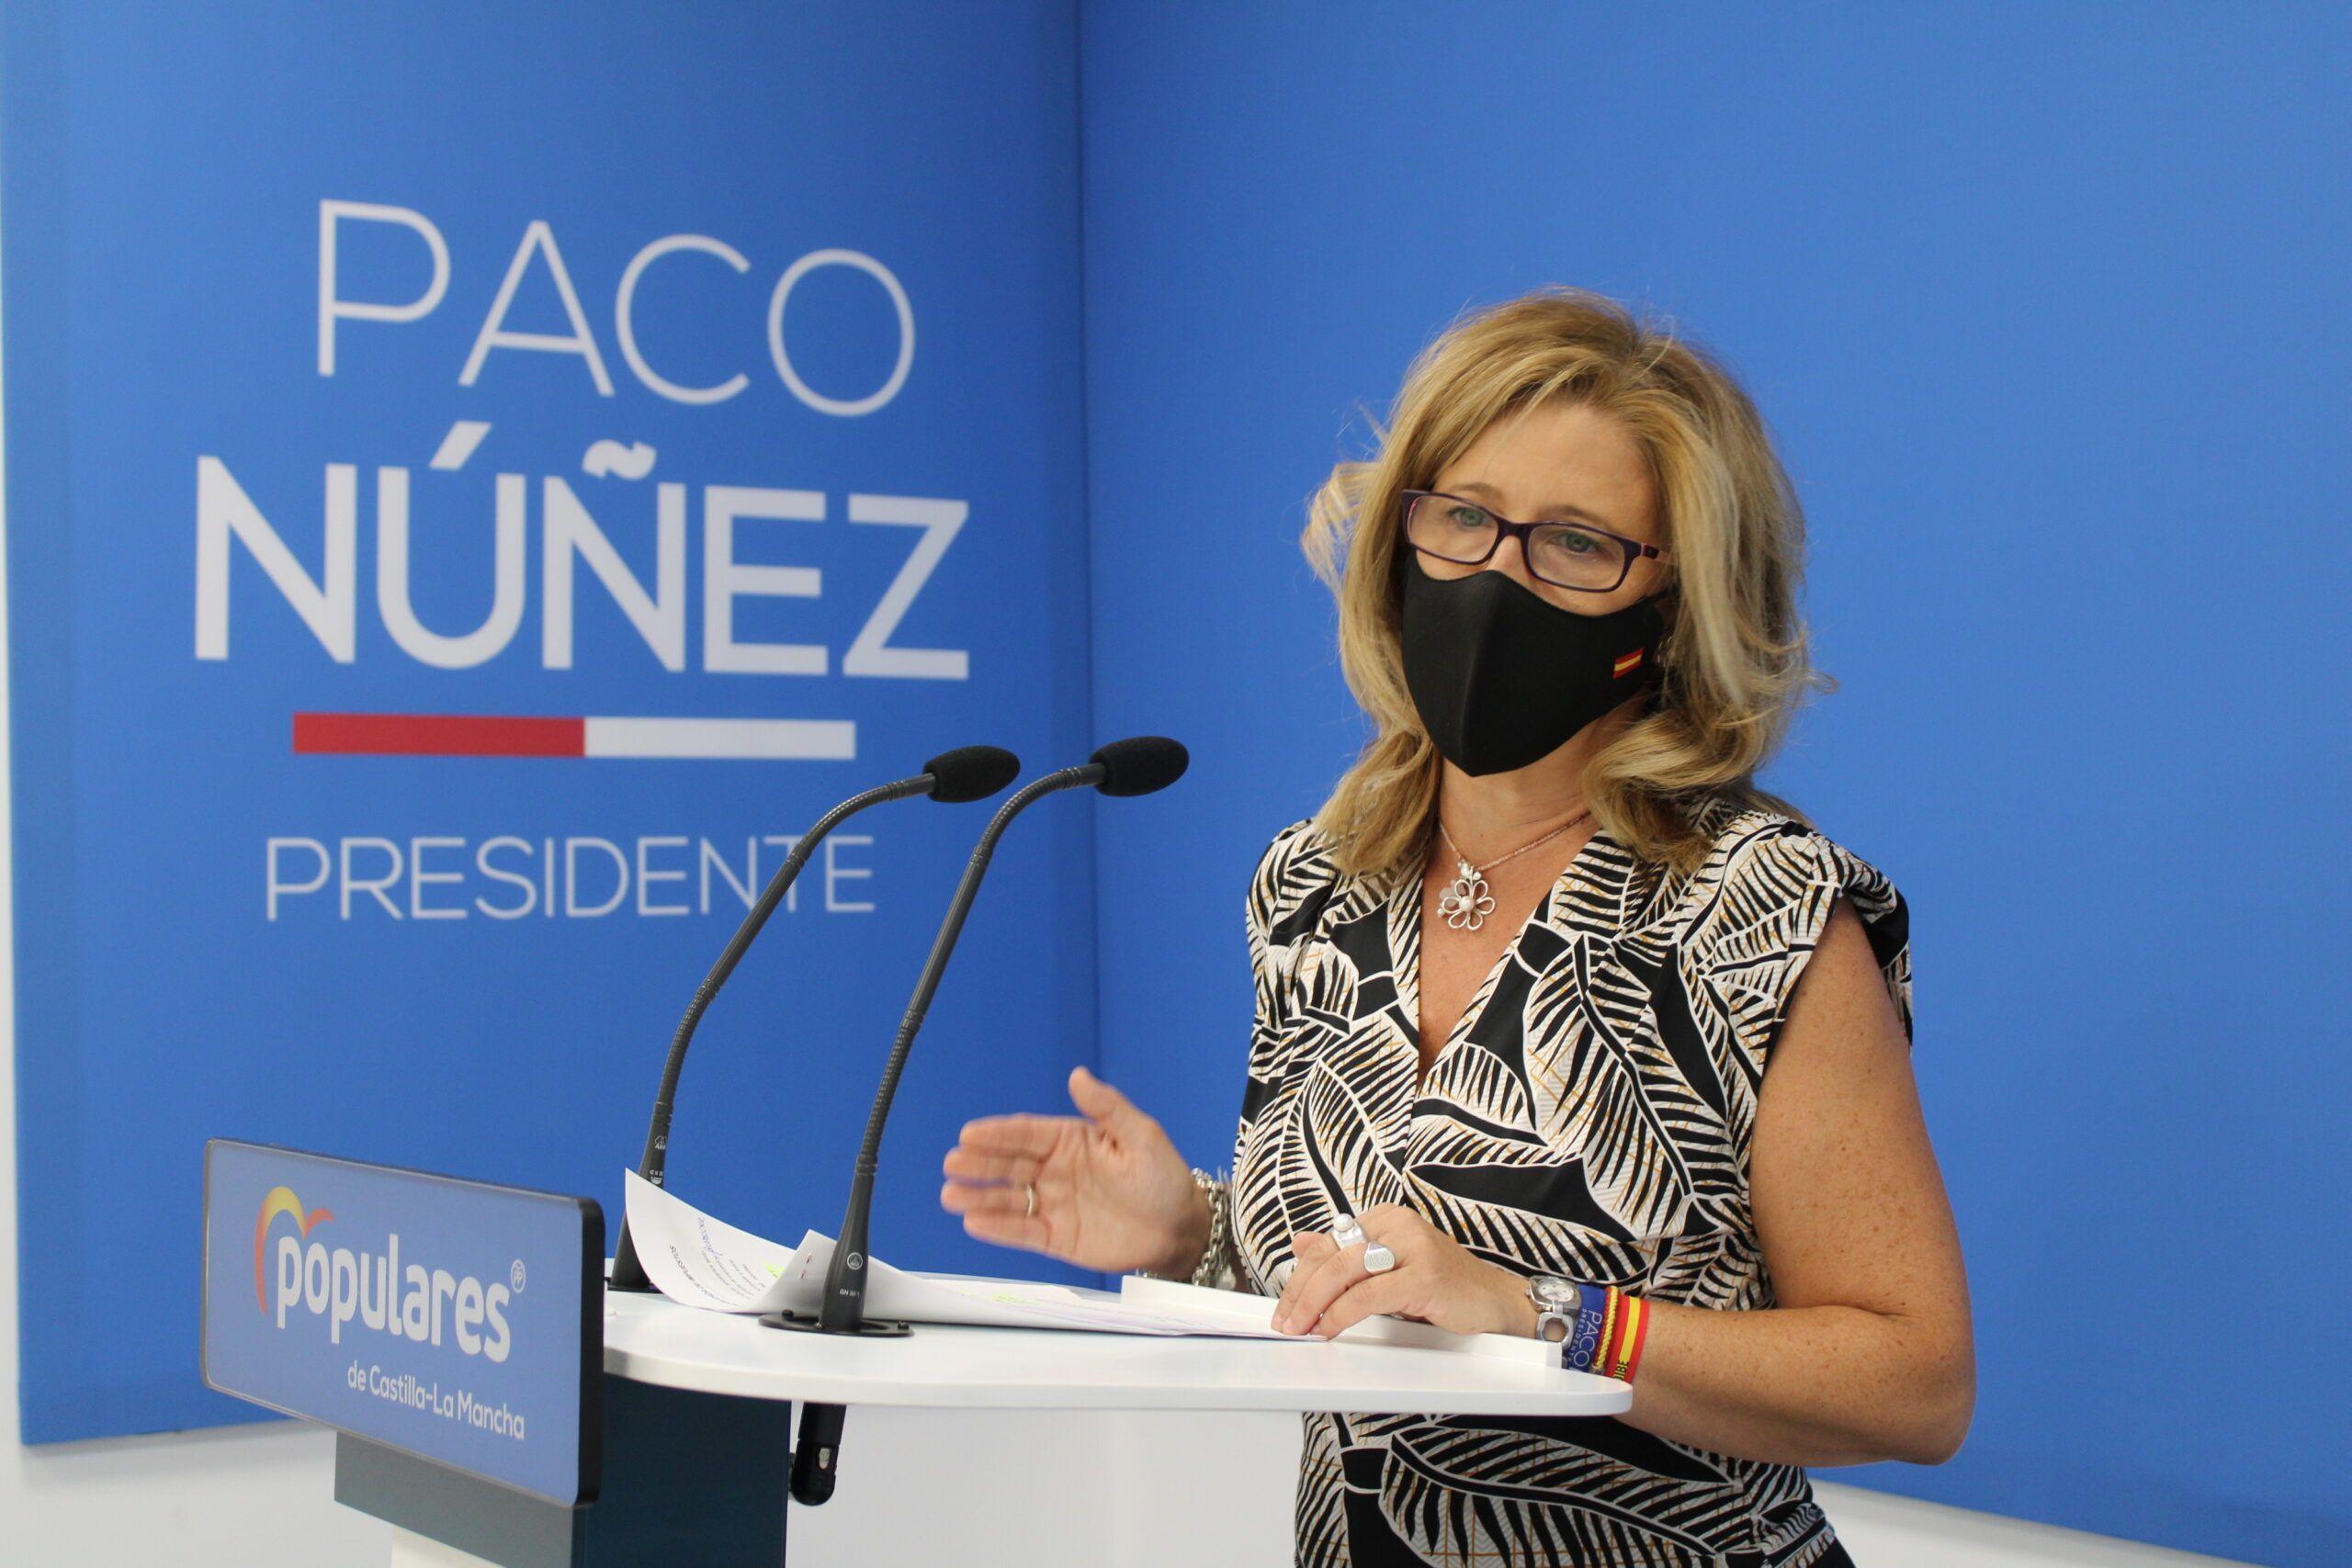 Alía advierte que, con Page, hoy en Castilla-La Mancha con una donación de `padres a hijos´ se está pagando 15 veces más que con la propuesta del PP de Paco Núñez